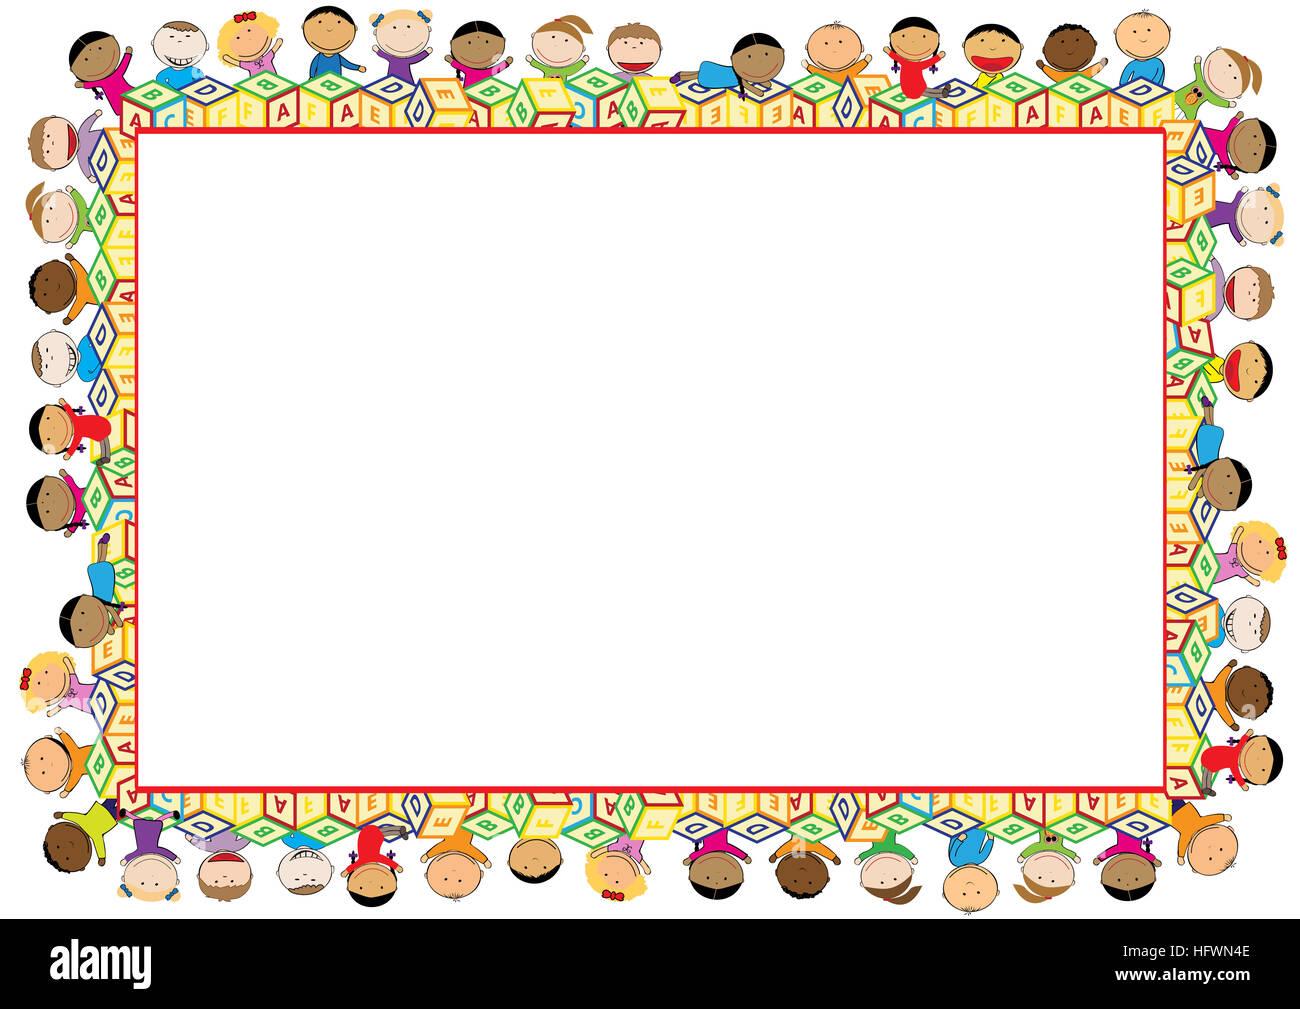 Cornici Colorate Per Foto cornice colorata per bambini foto stock - alamy